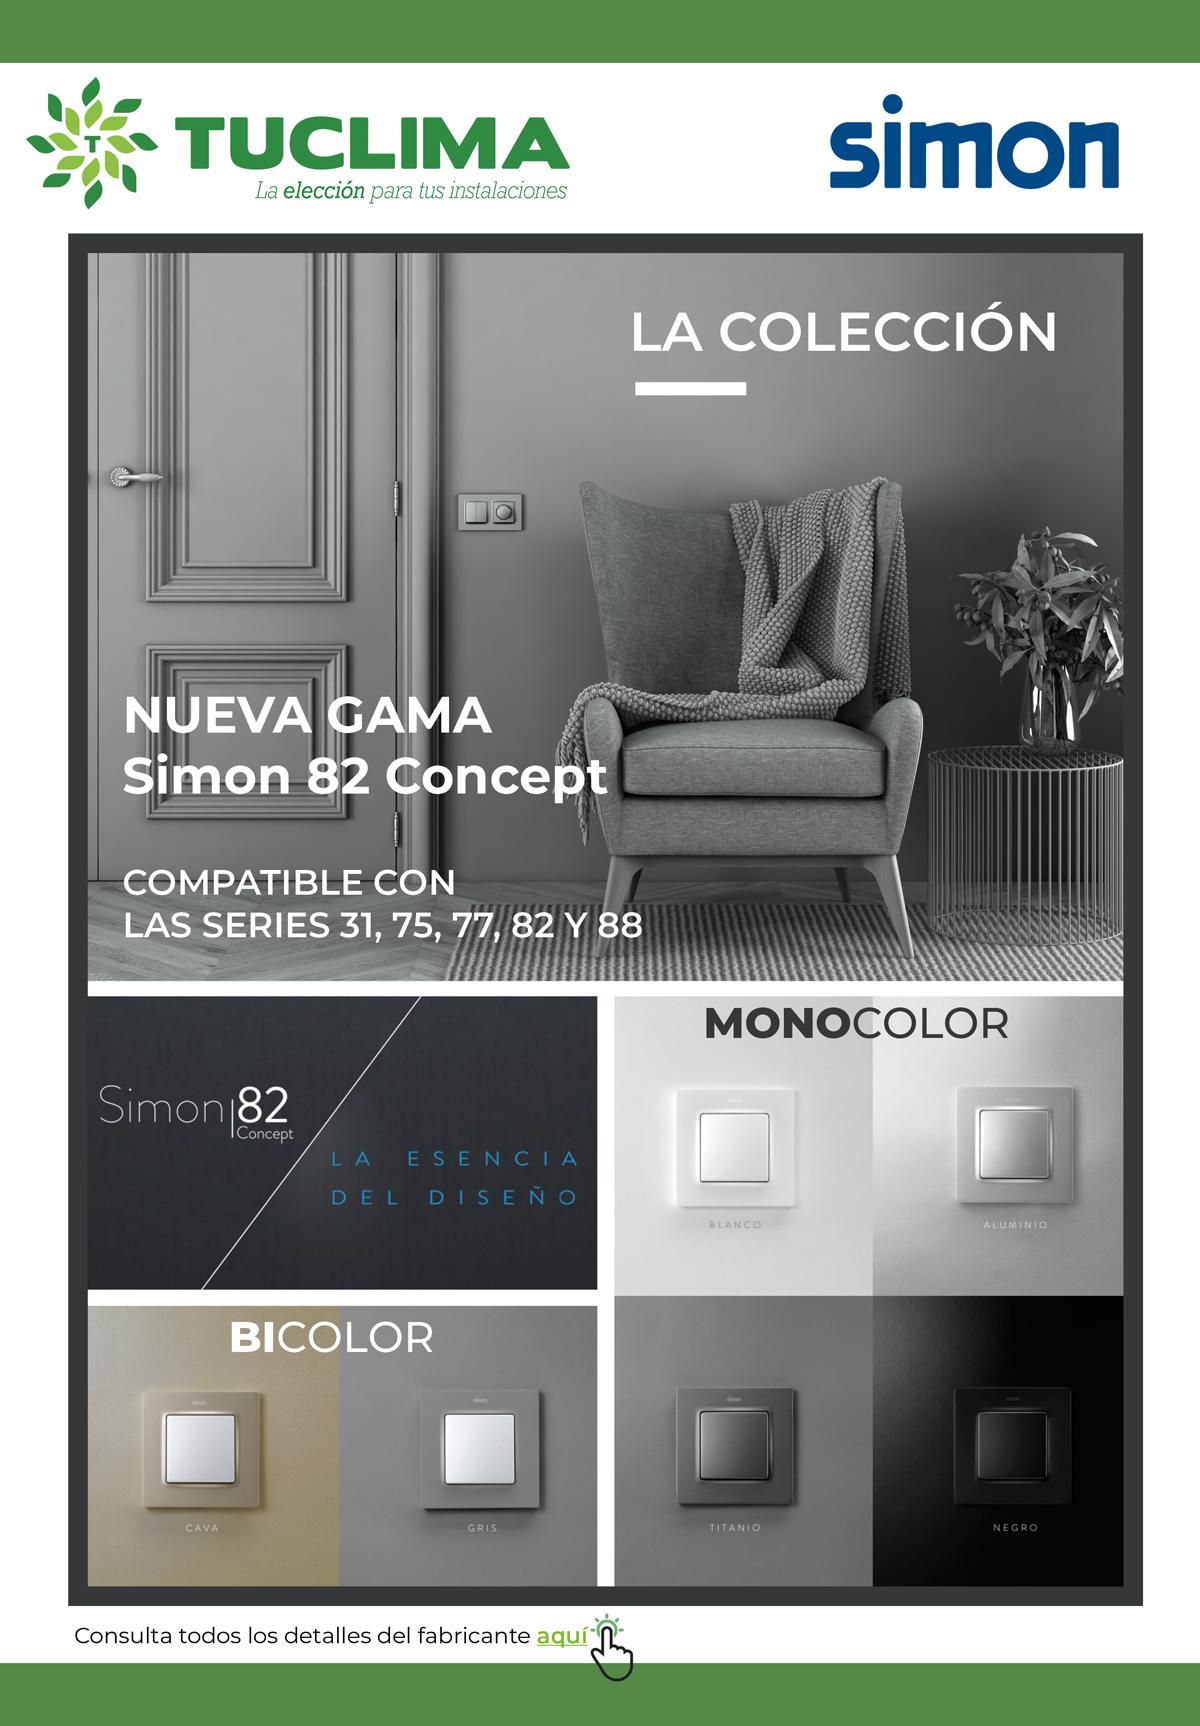 Simon 82 Concept. La Colección